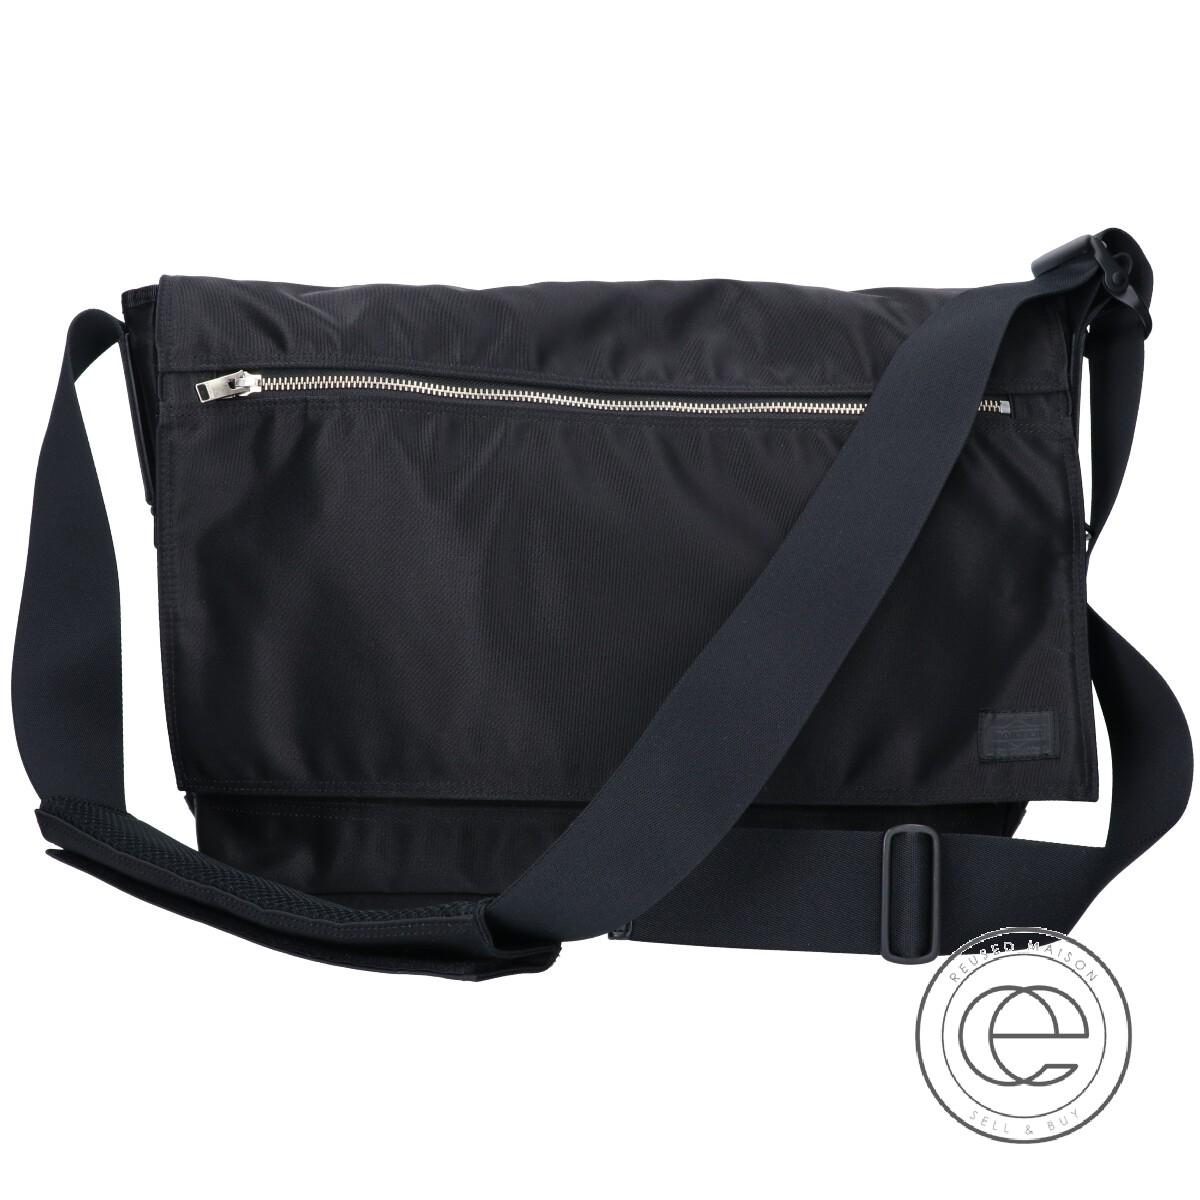 PORTER ポーター 822-06128 LIFT MESSENGER BAG(L) リフト メッセンジャー/ ショルダーバッグ ブラック メンズ 【中古】